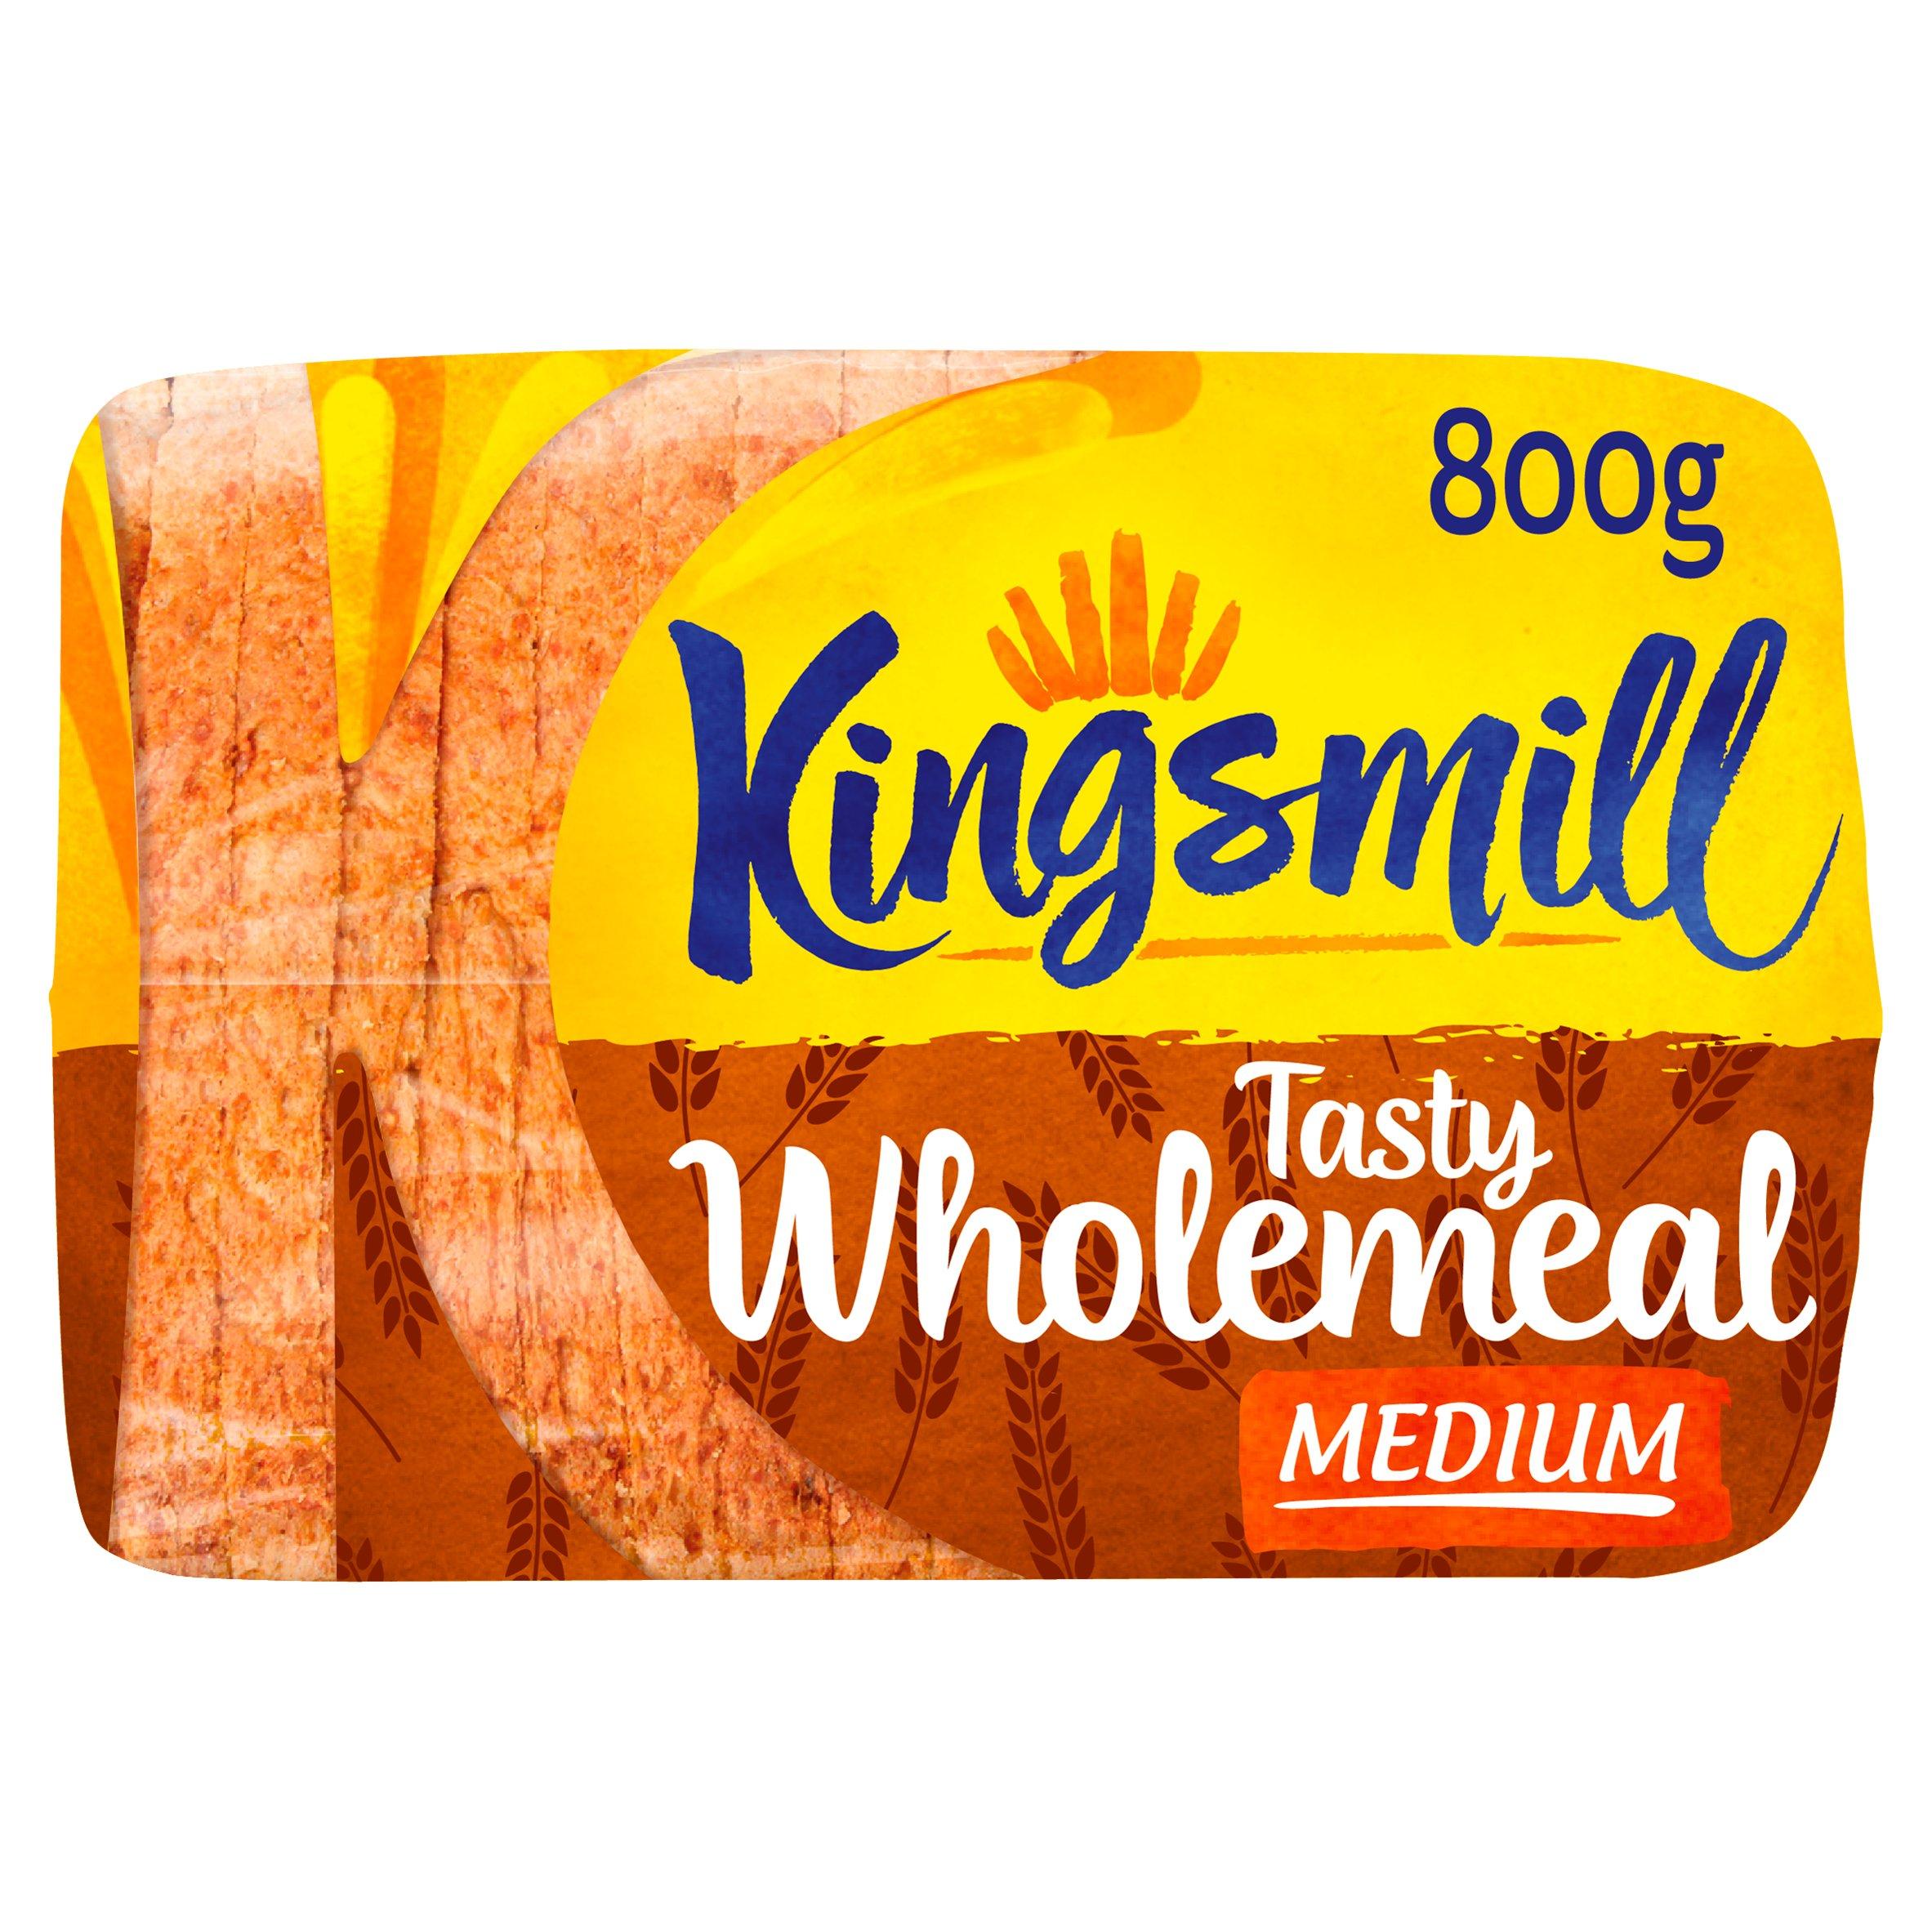 Kingsmill Tasty Wholemeal Medium Bread 800G